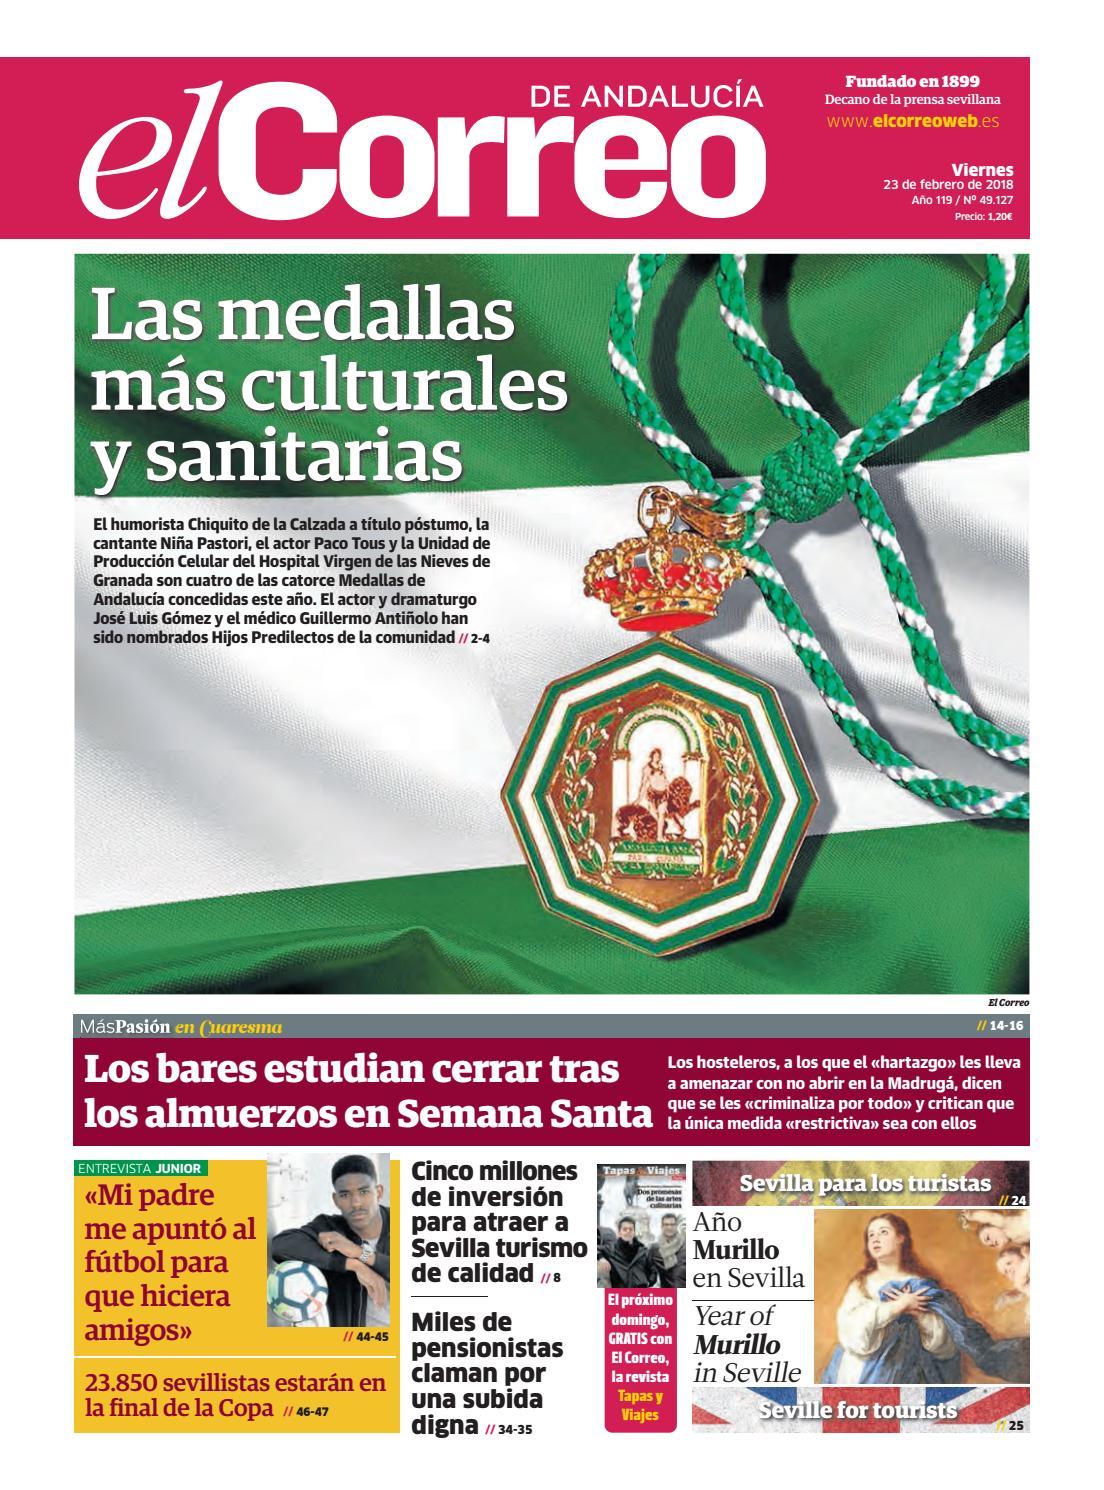 bf061c279 23.02.2018 El Correo de Andalucía by EL CORREO DE ANDALUCÍA S.L. - issuu